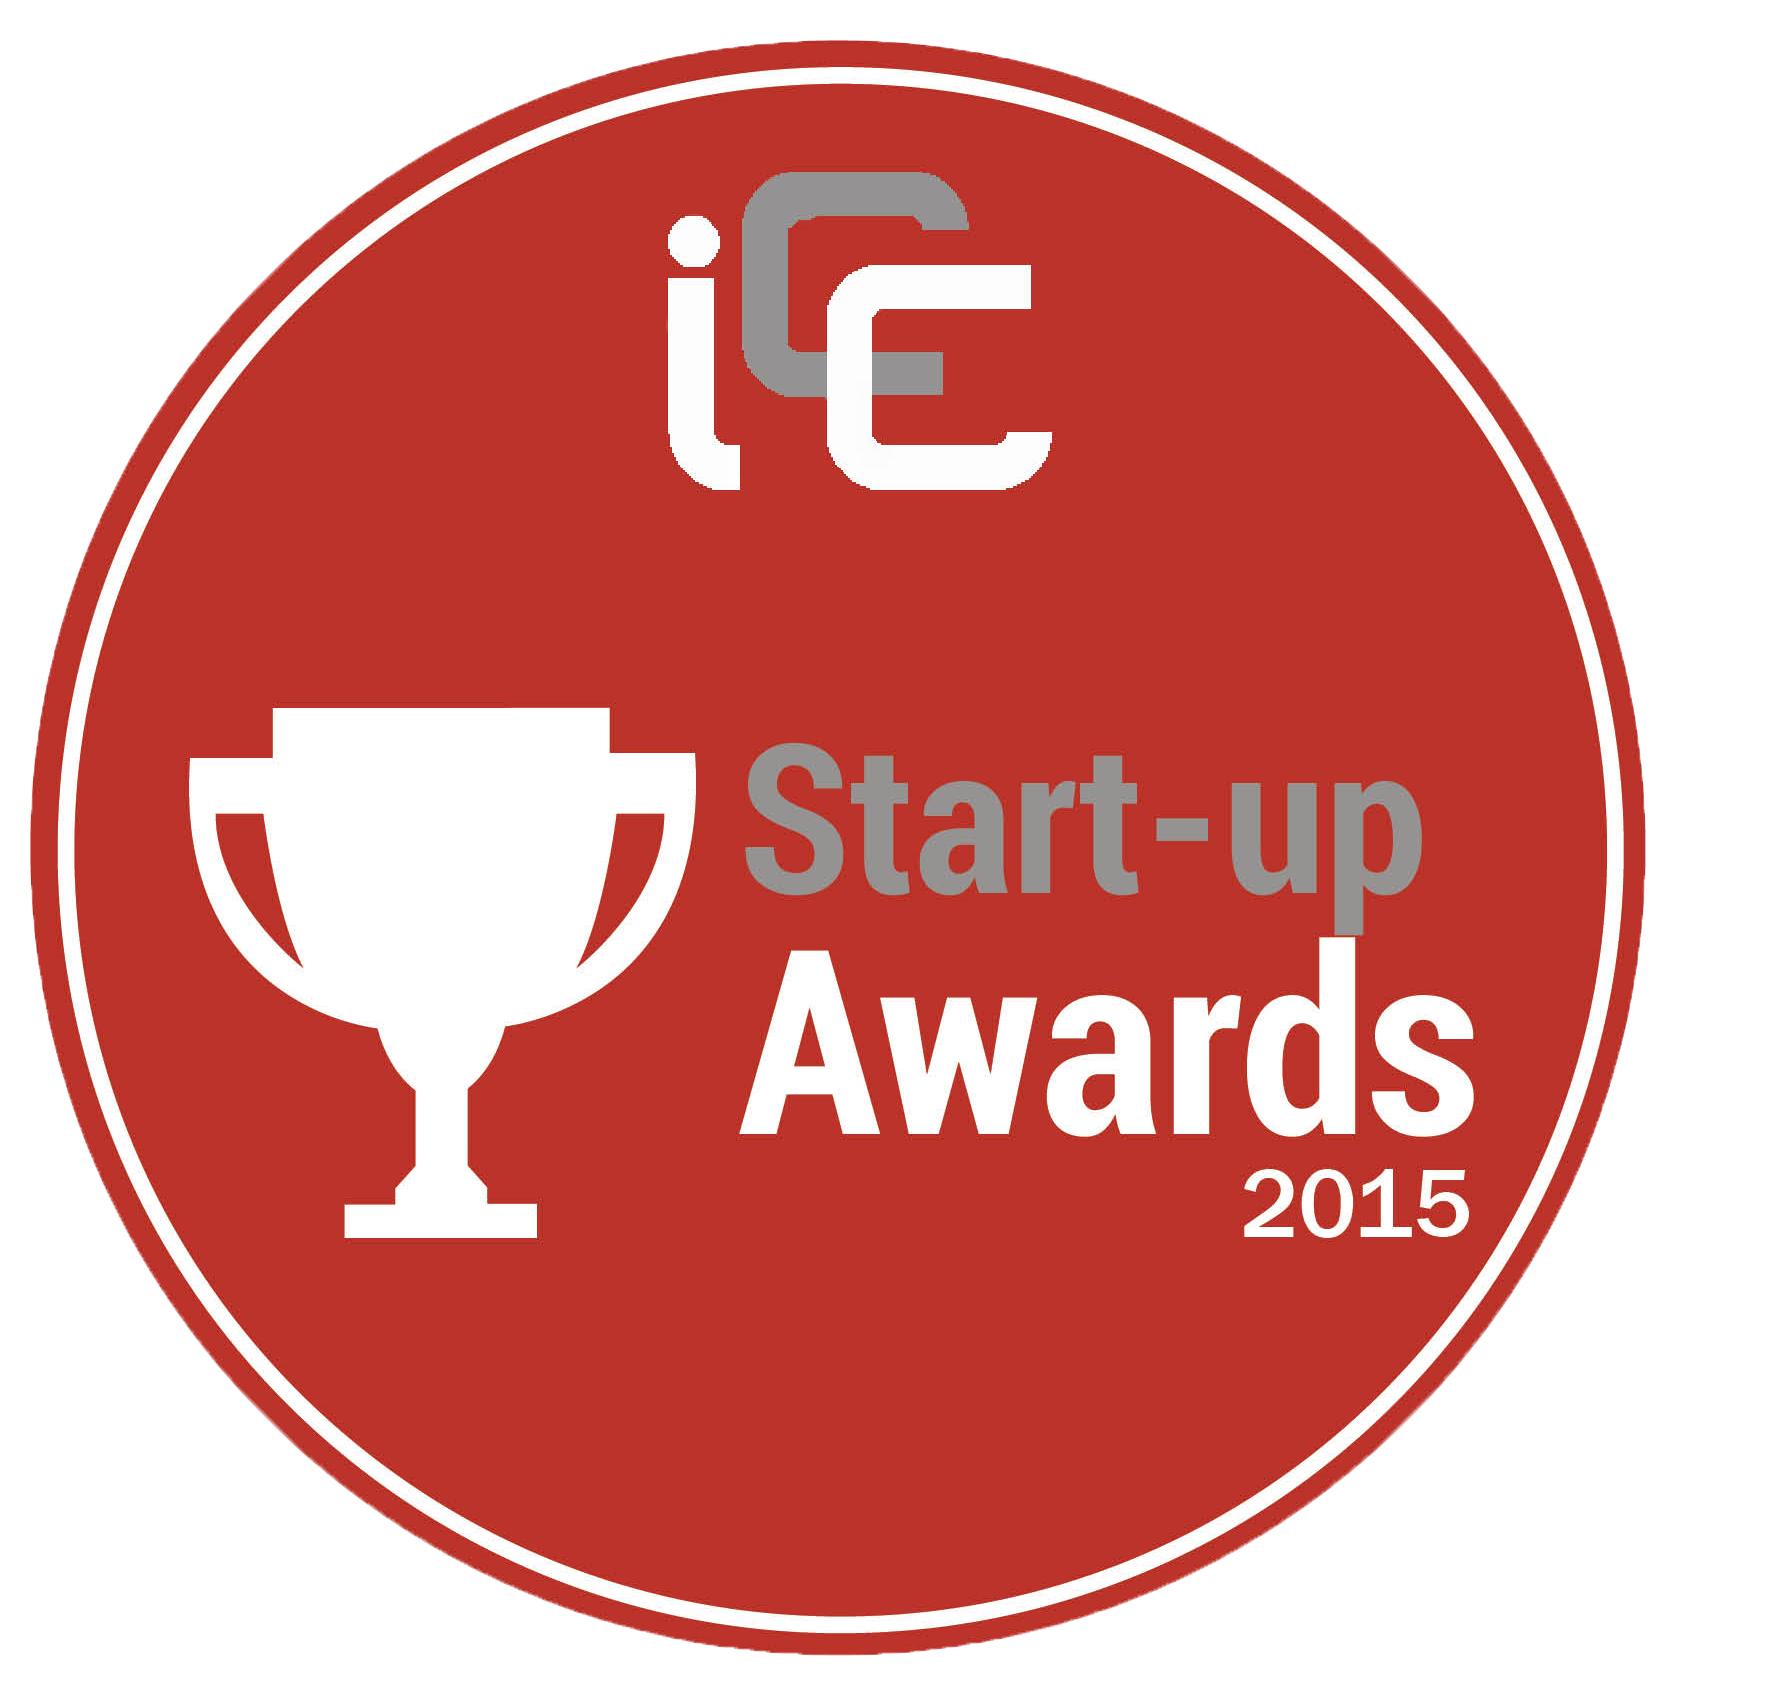 logo Awards - ICC Start-up Awards 2015 : la révolution du commerce connecté